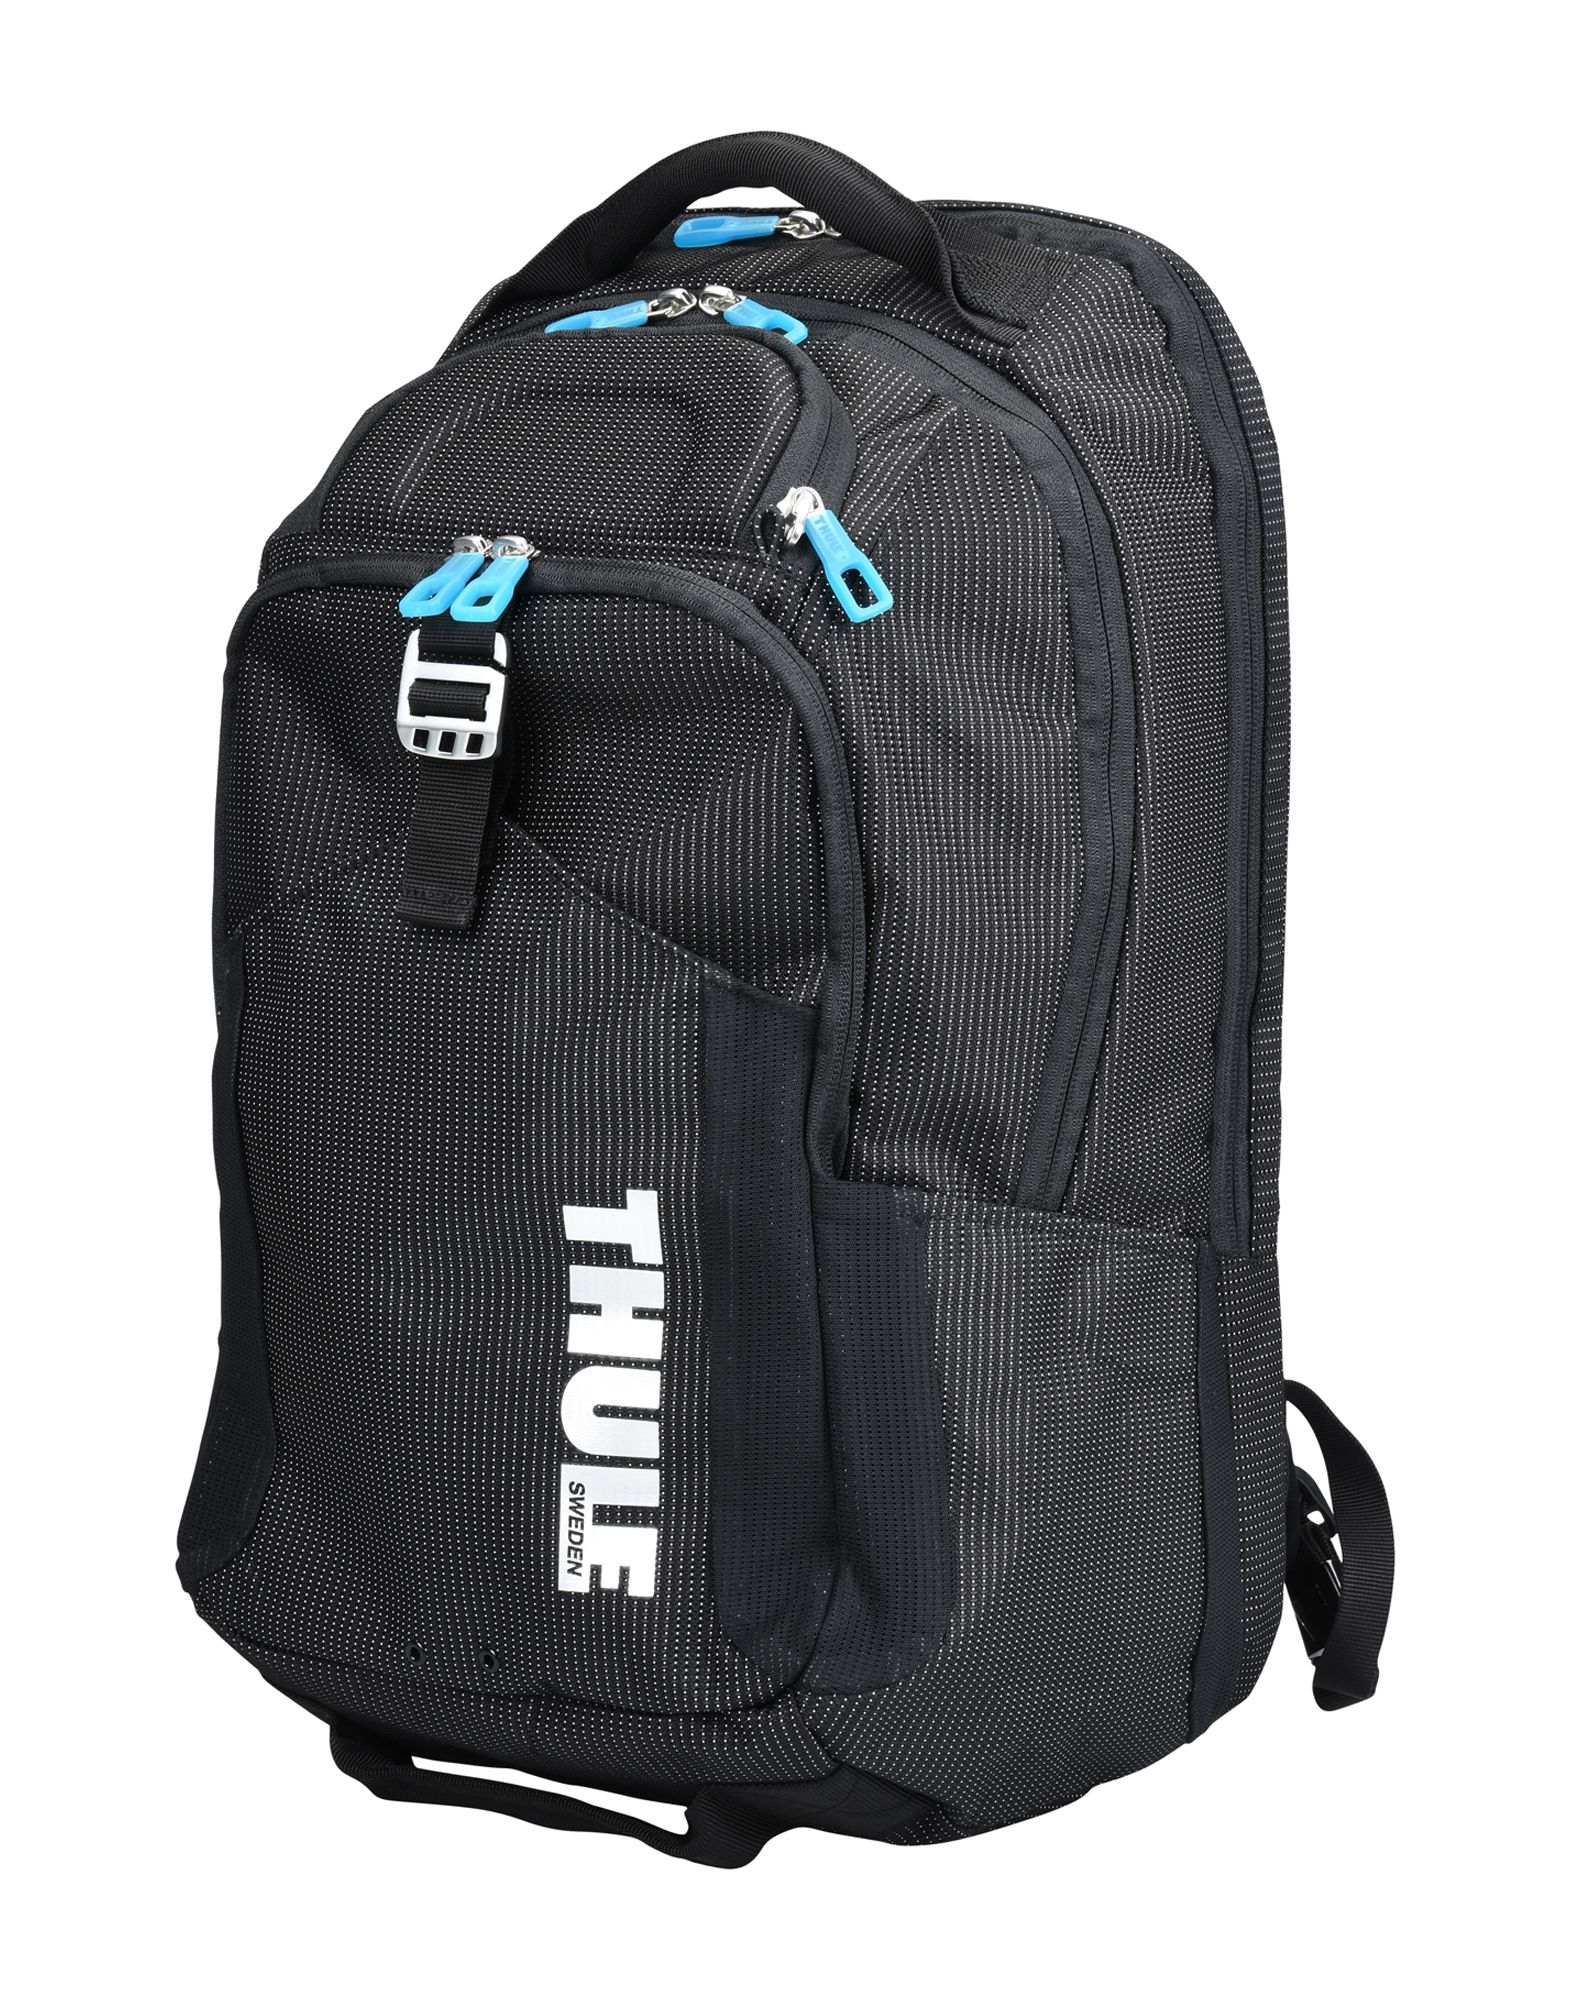 Thule sweden рюкзаки чемоданы wenger купить в киеве